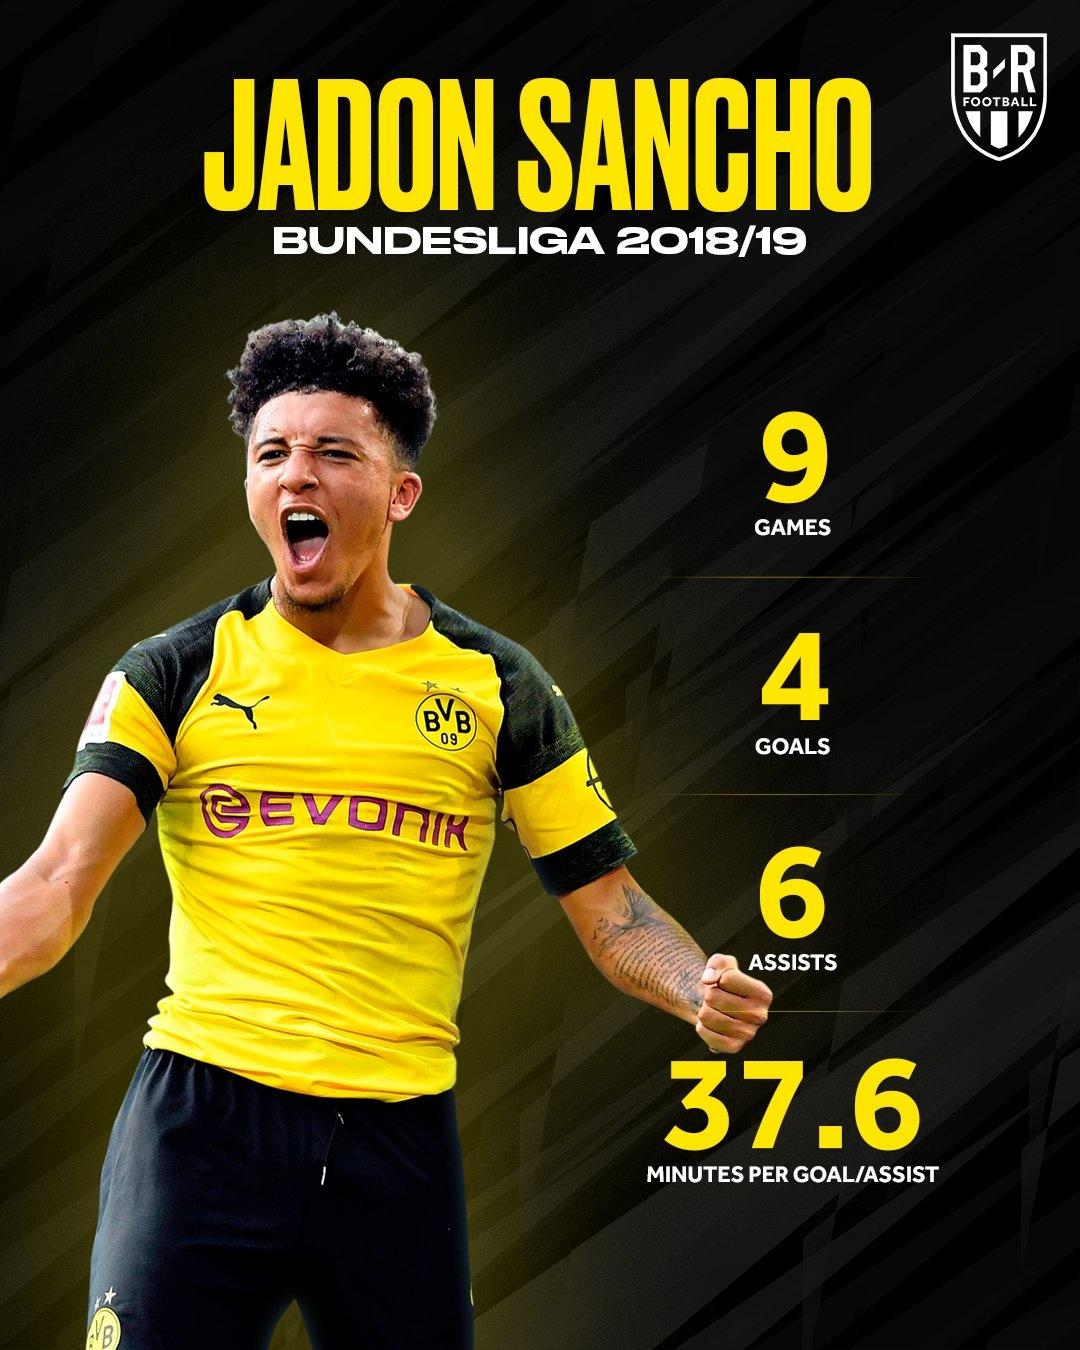 Jadon Sancho - PES Stats Database